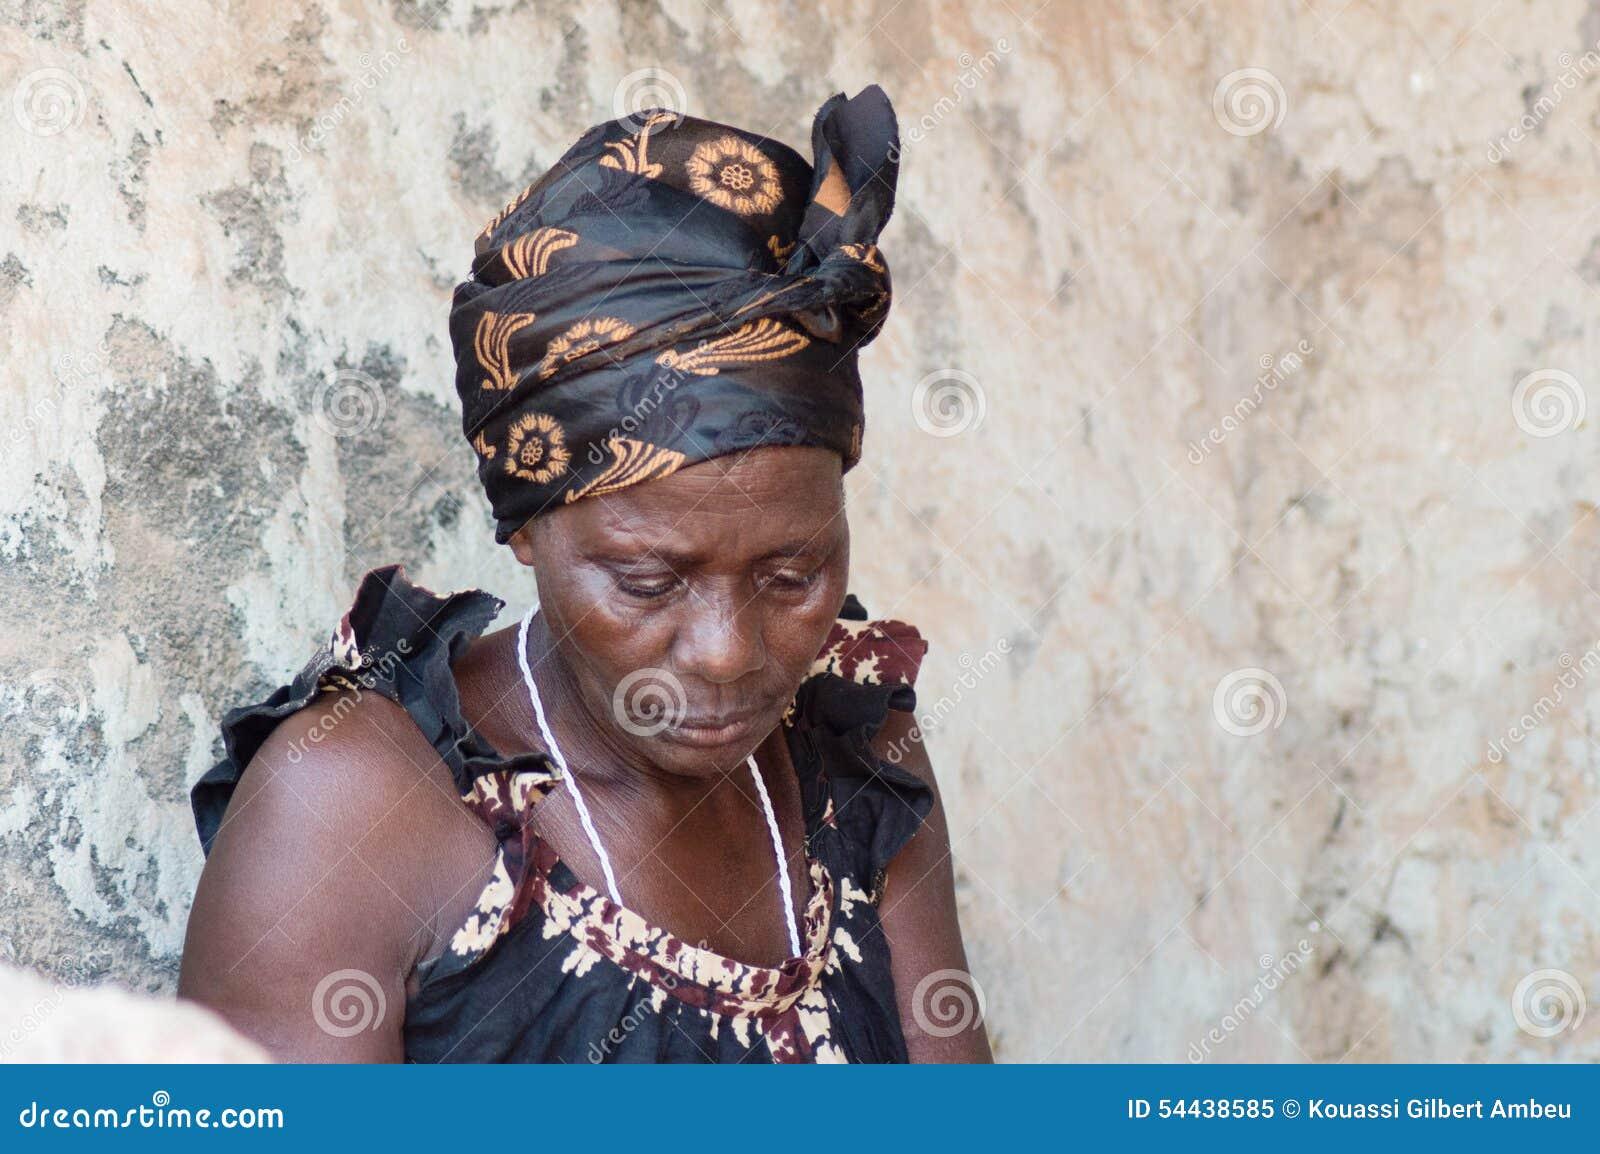 Деревенские женщины в лифчиках, худую девку имеют раком